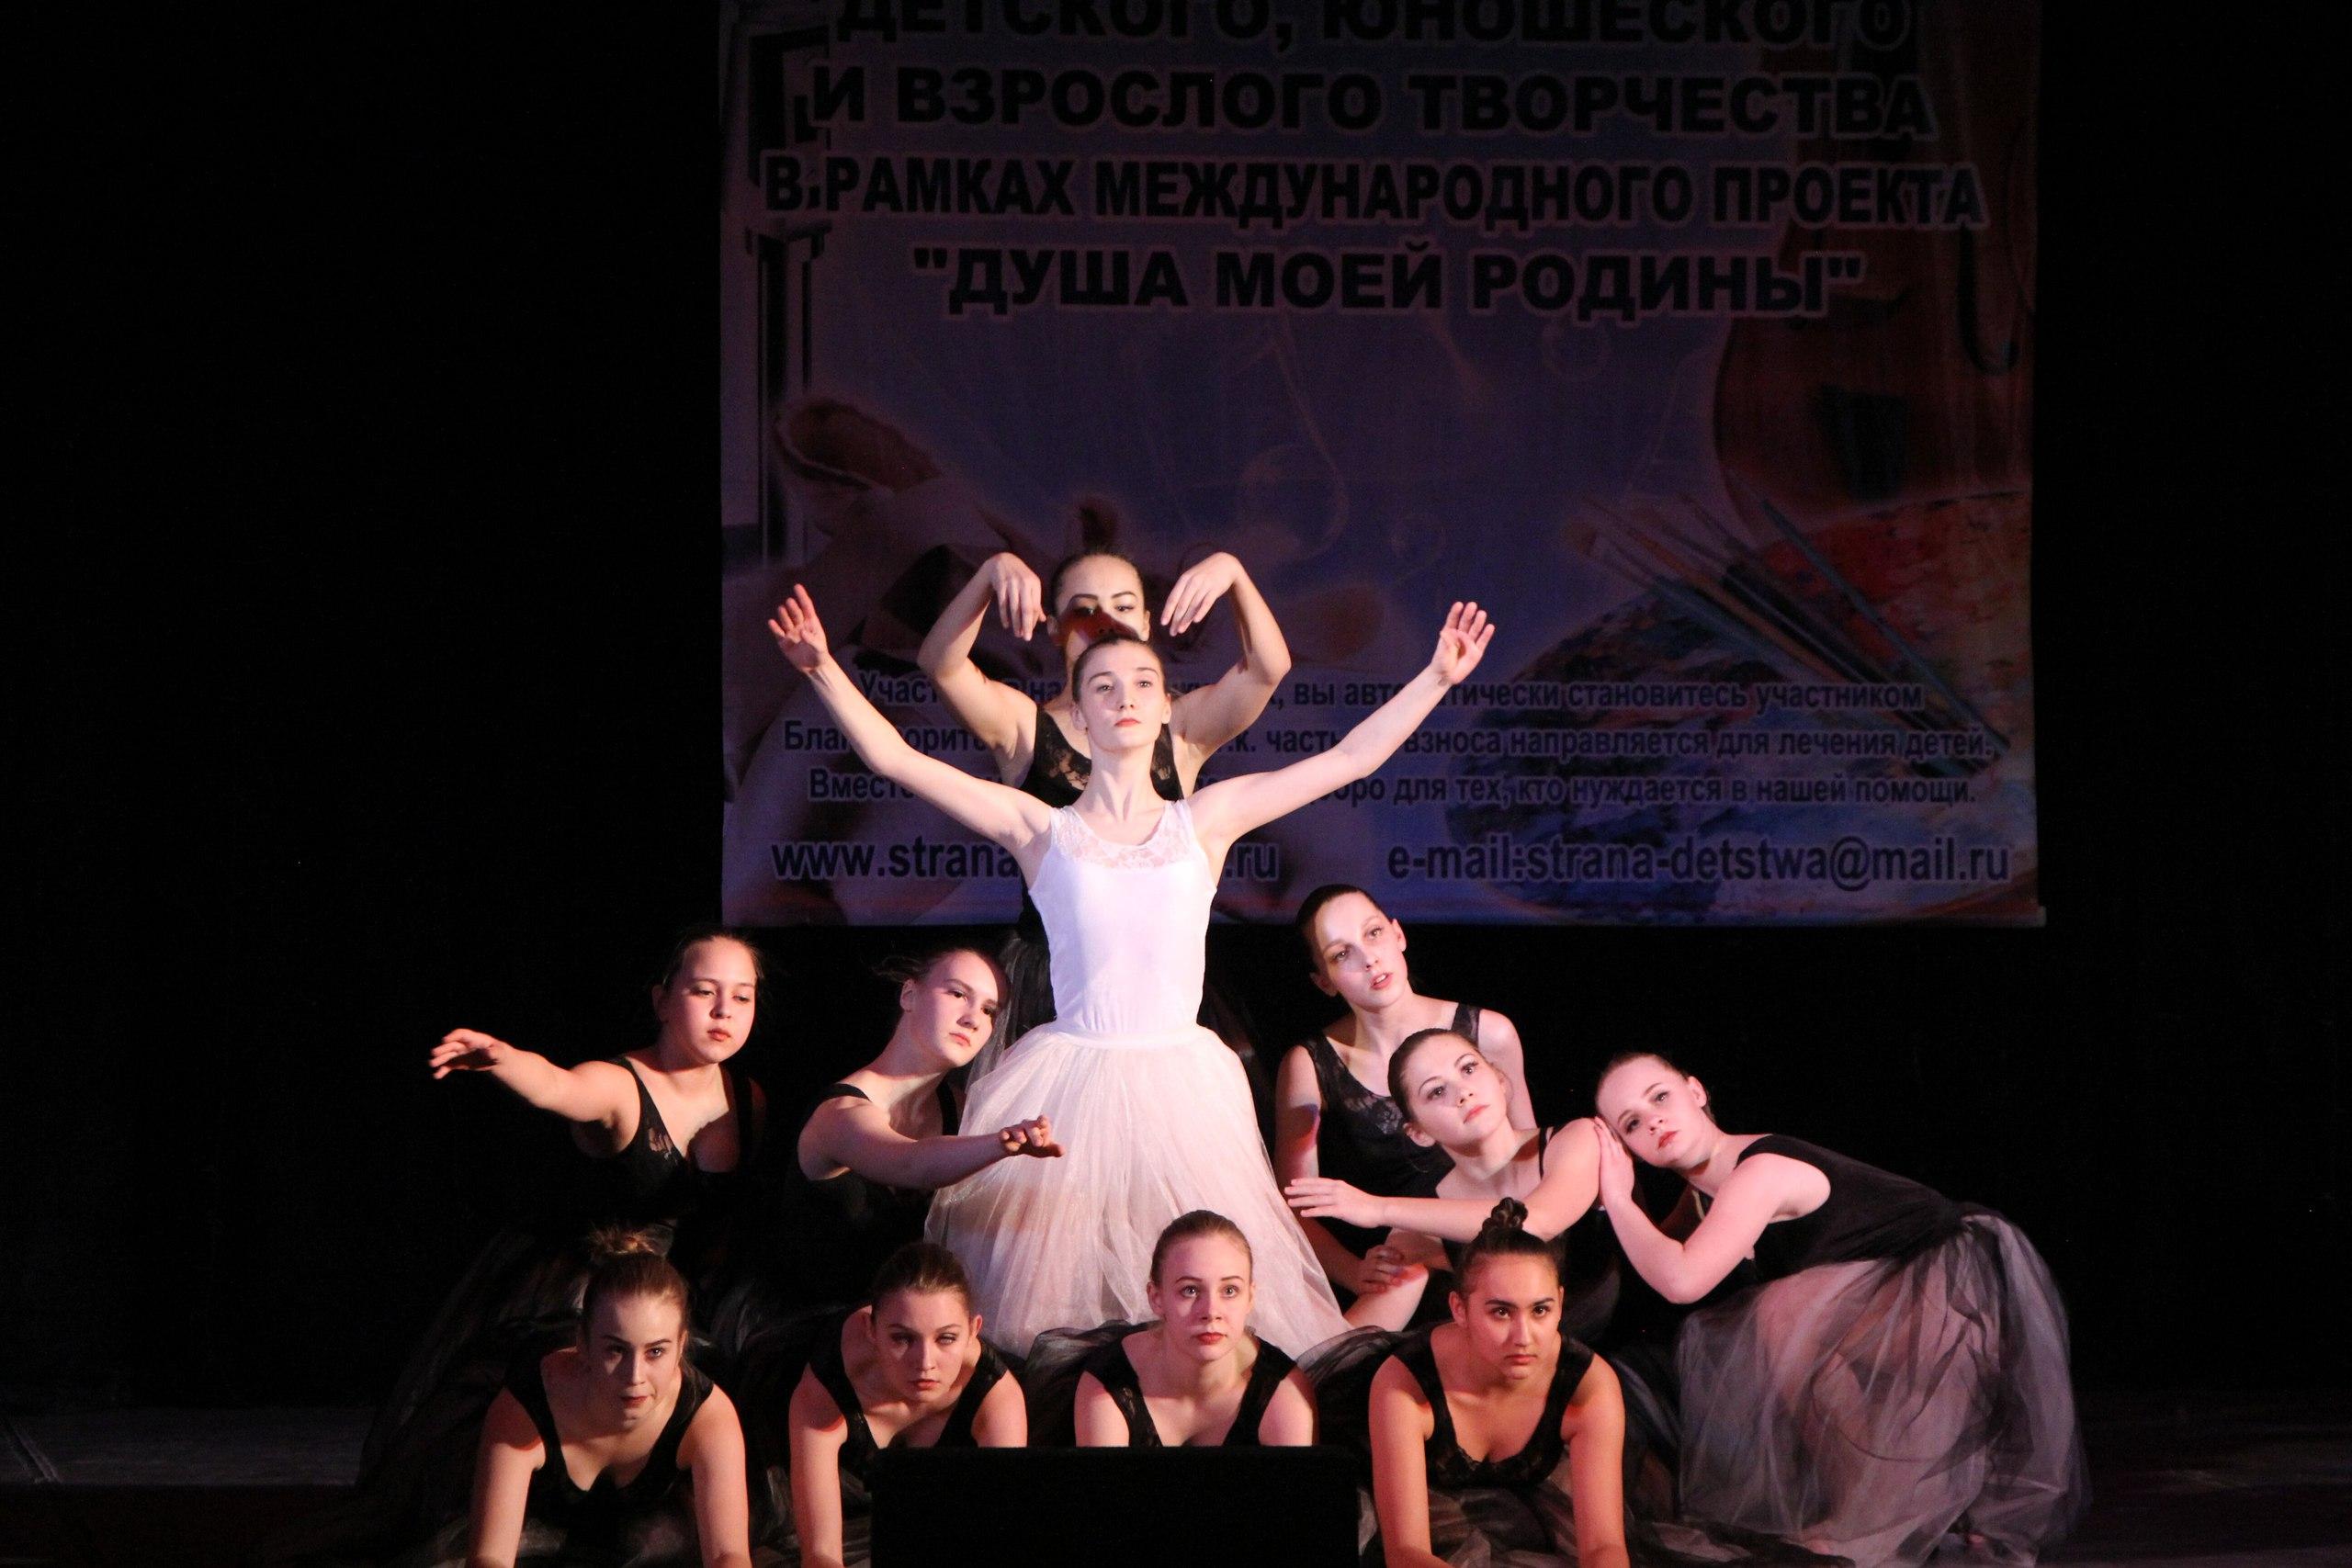 I Международный фестиваль-конкурс детского, юношеского и взрослого творчества  «РАДУГА ЖЕЛАНИЙ»